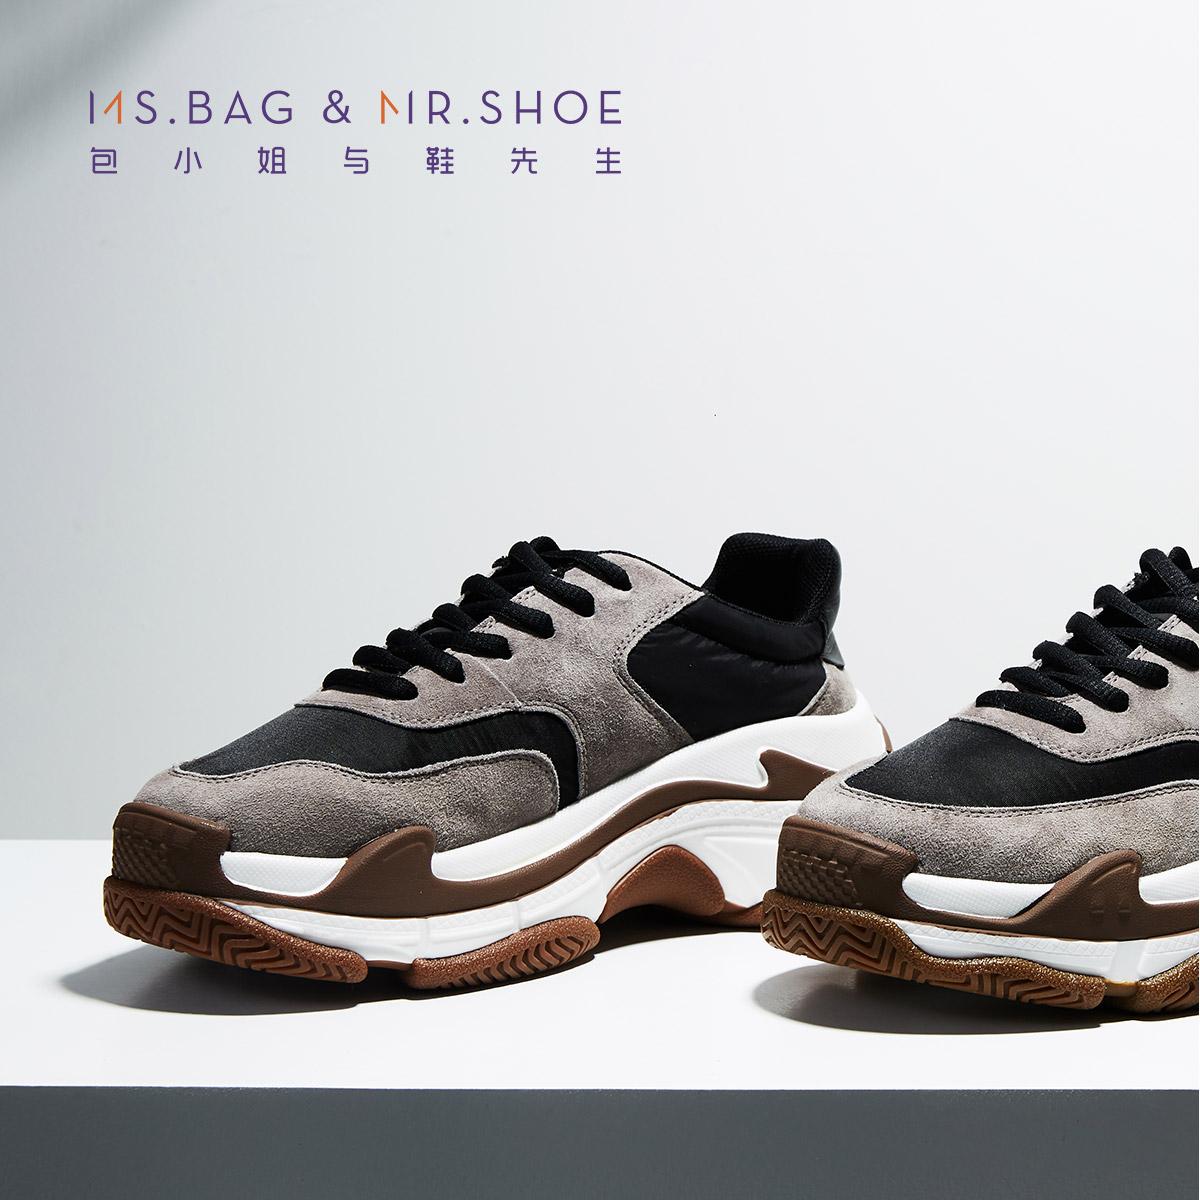 包小姐与鞋先生 春季新款时尚板鞋低帮运动鞋女鞋 BW191174